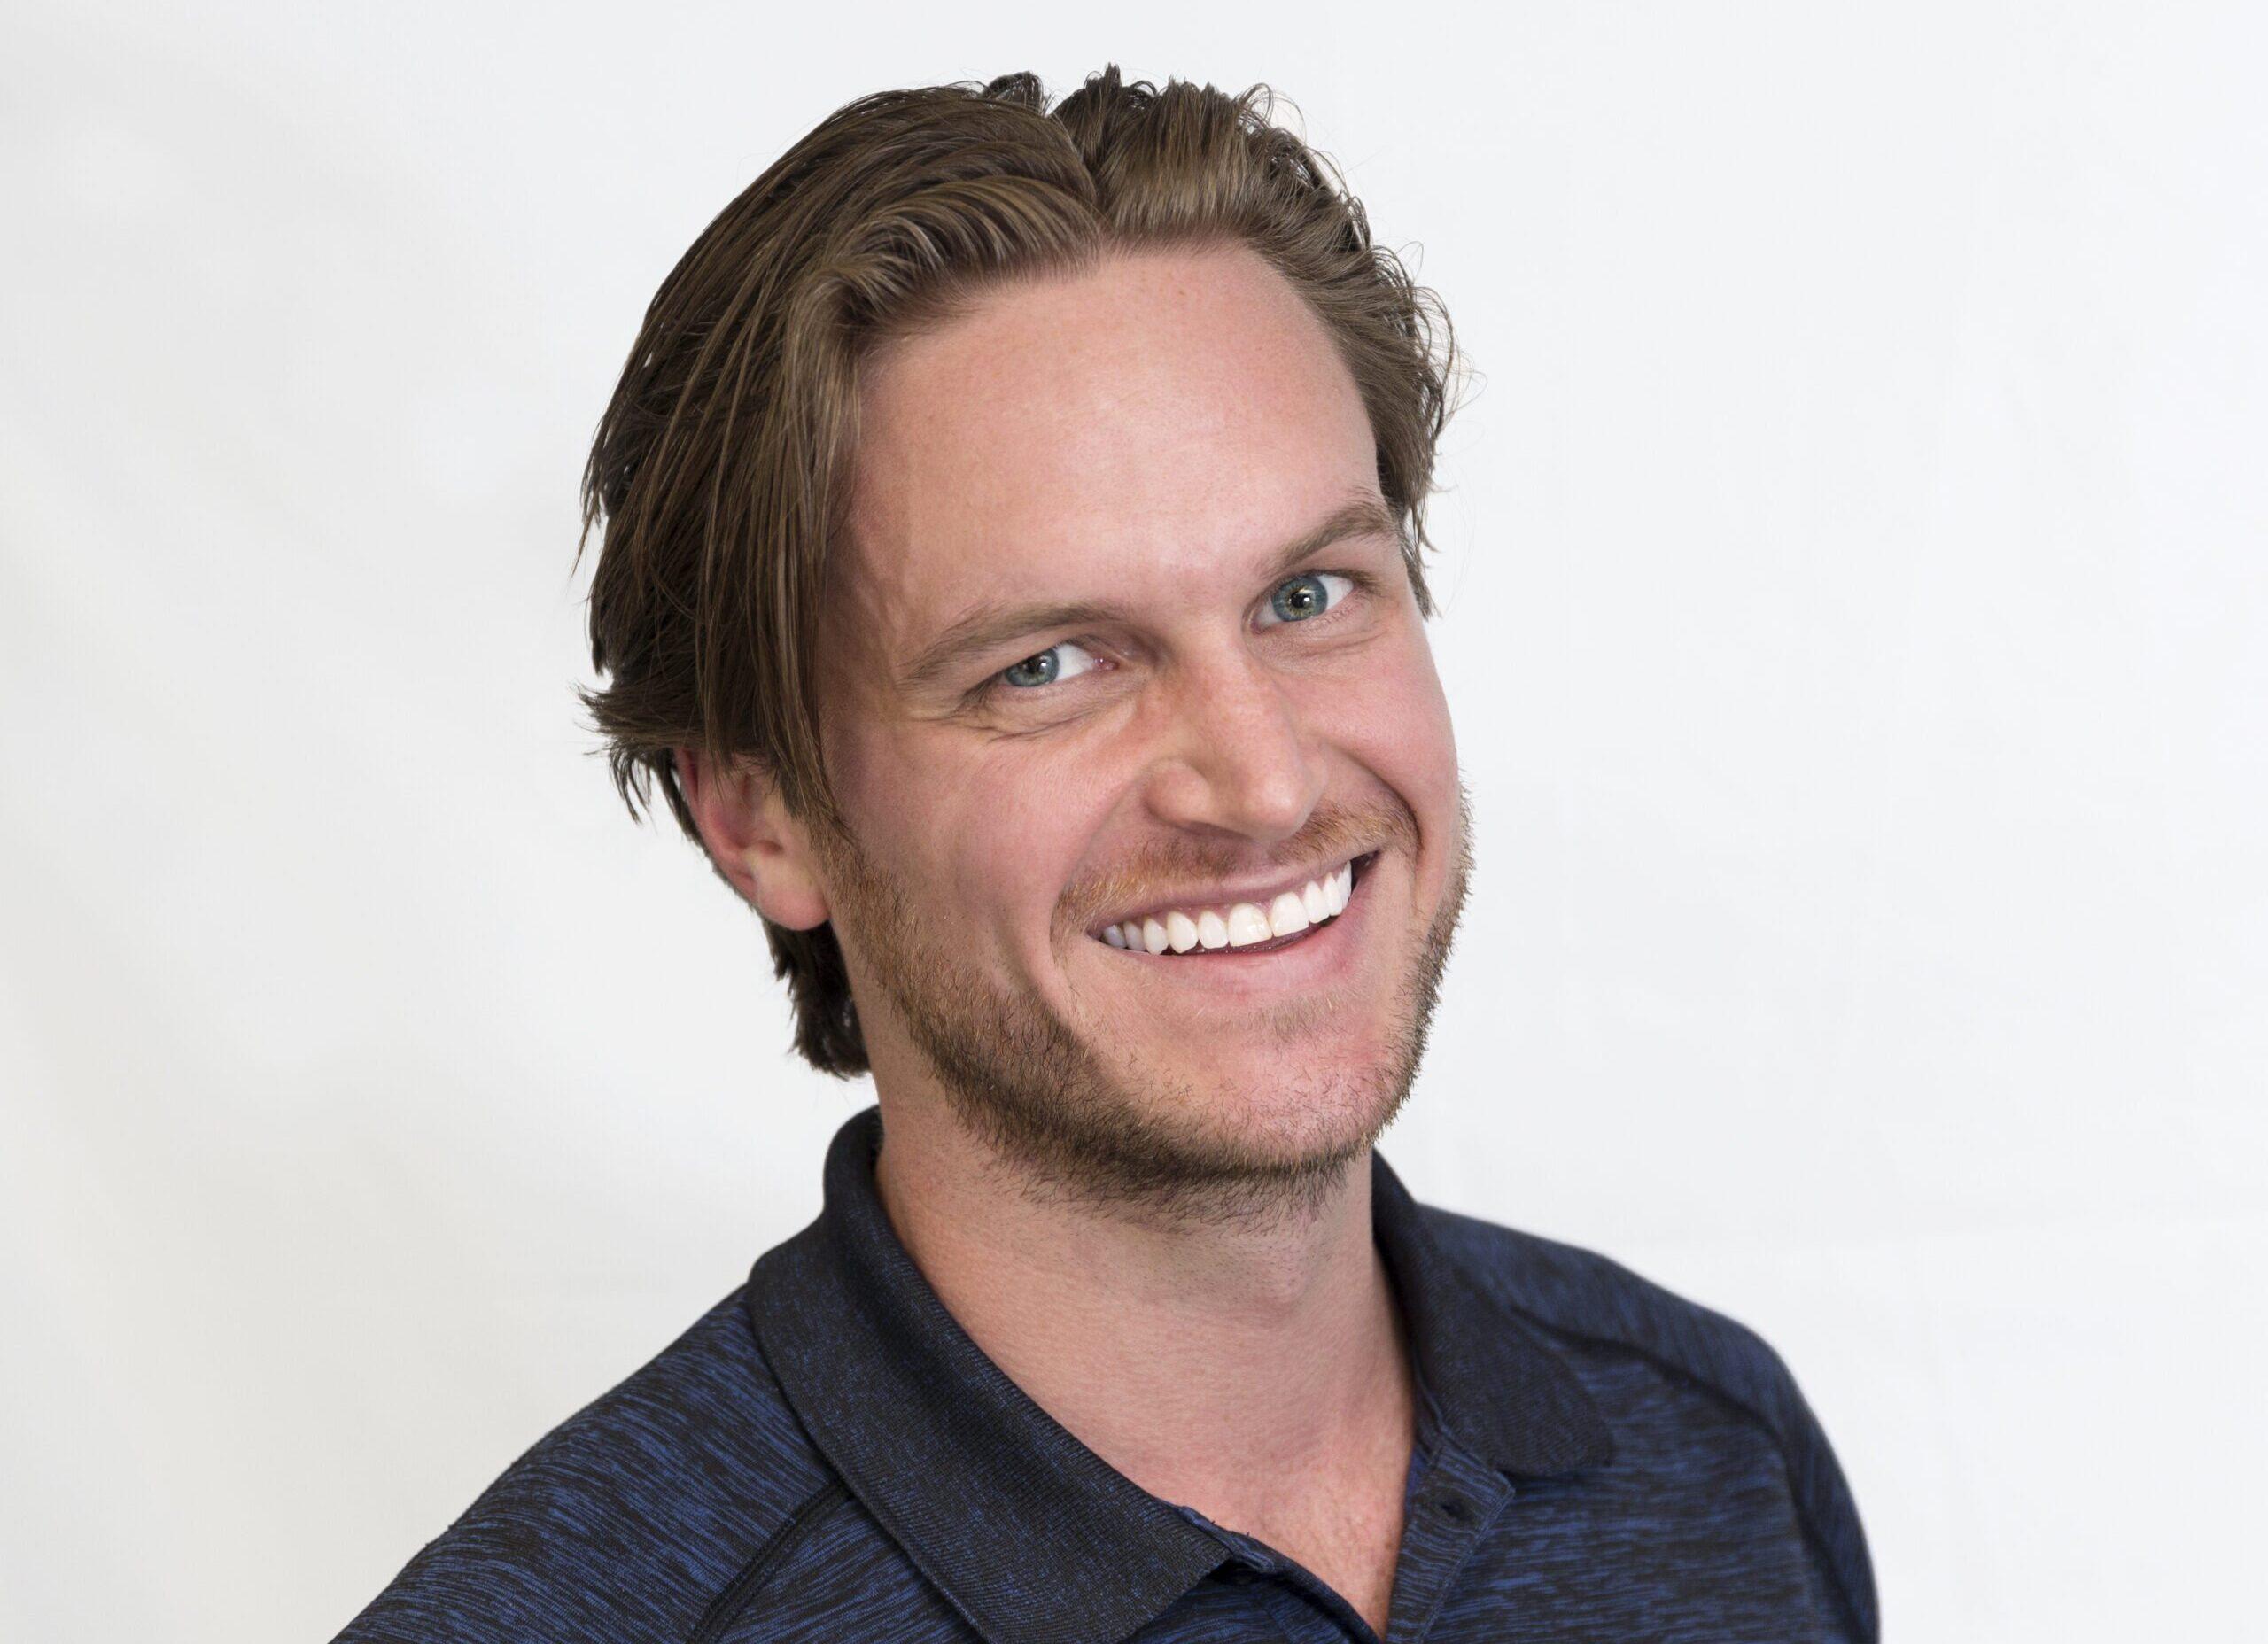 Sean Ritchie Headshot 1